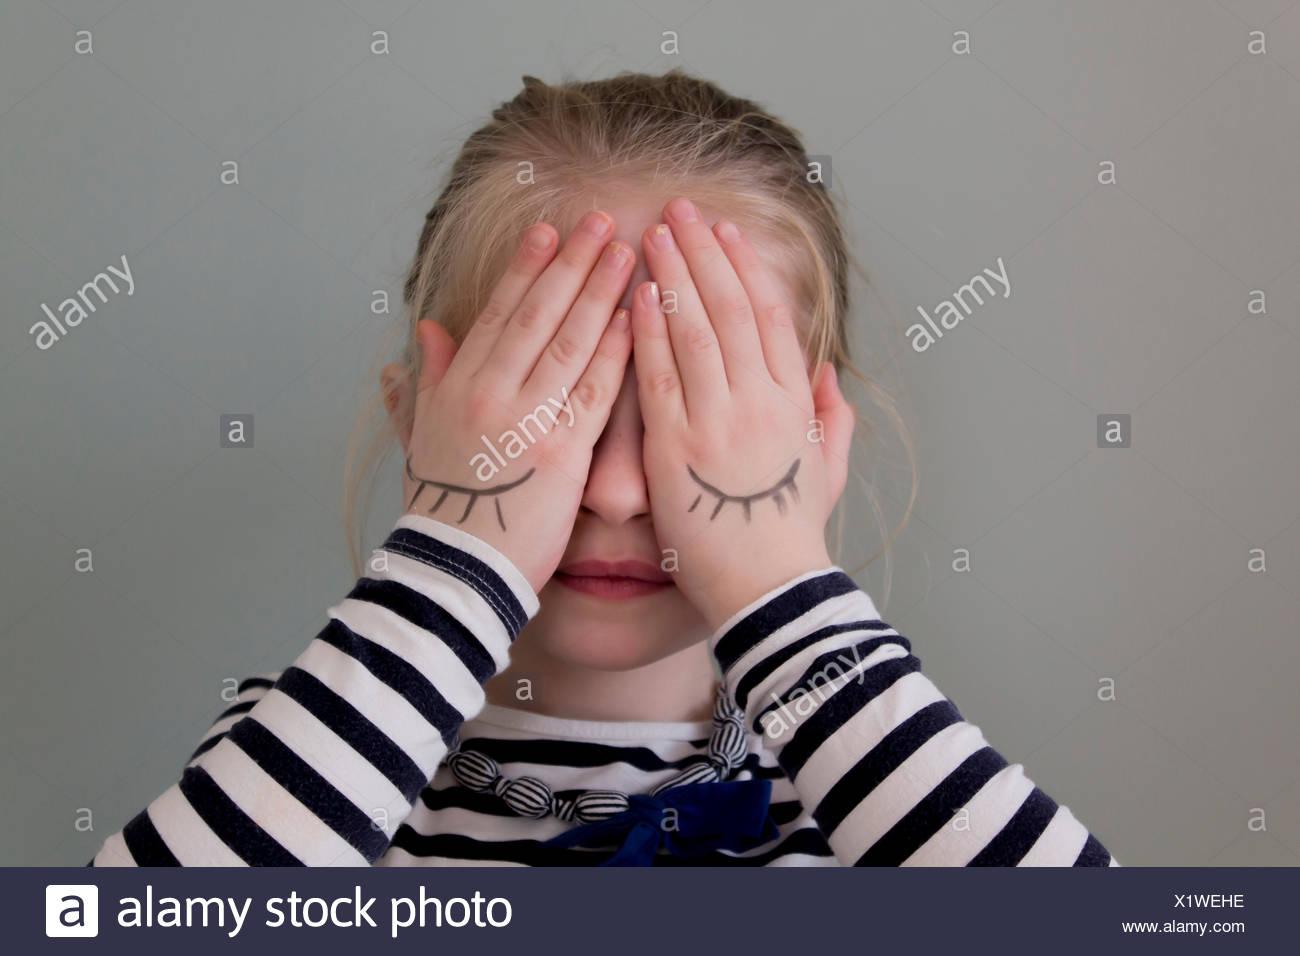 Ragazza che copre la sua gli occhi con le mani che hanno occhi disegnato su di esse Immagini Stock